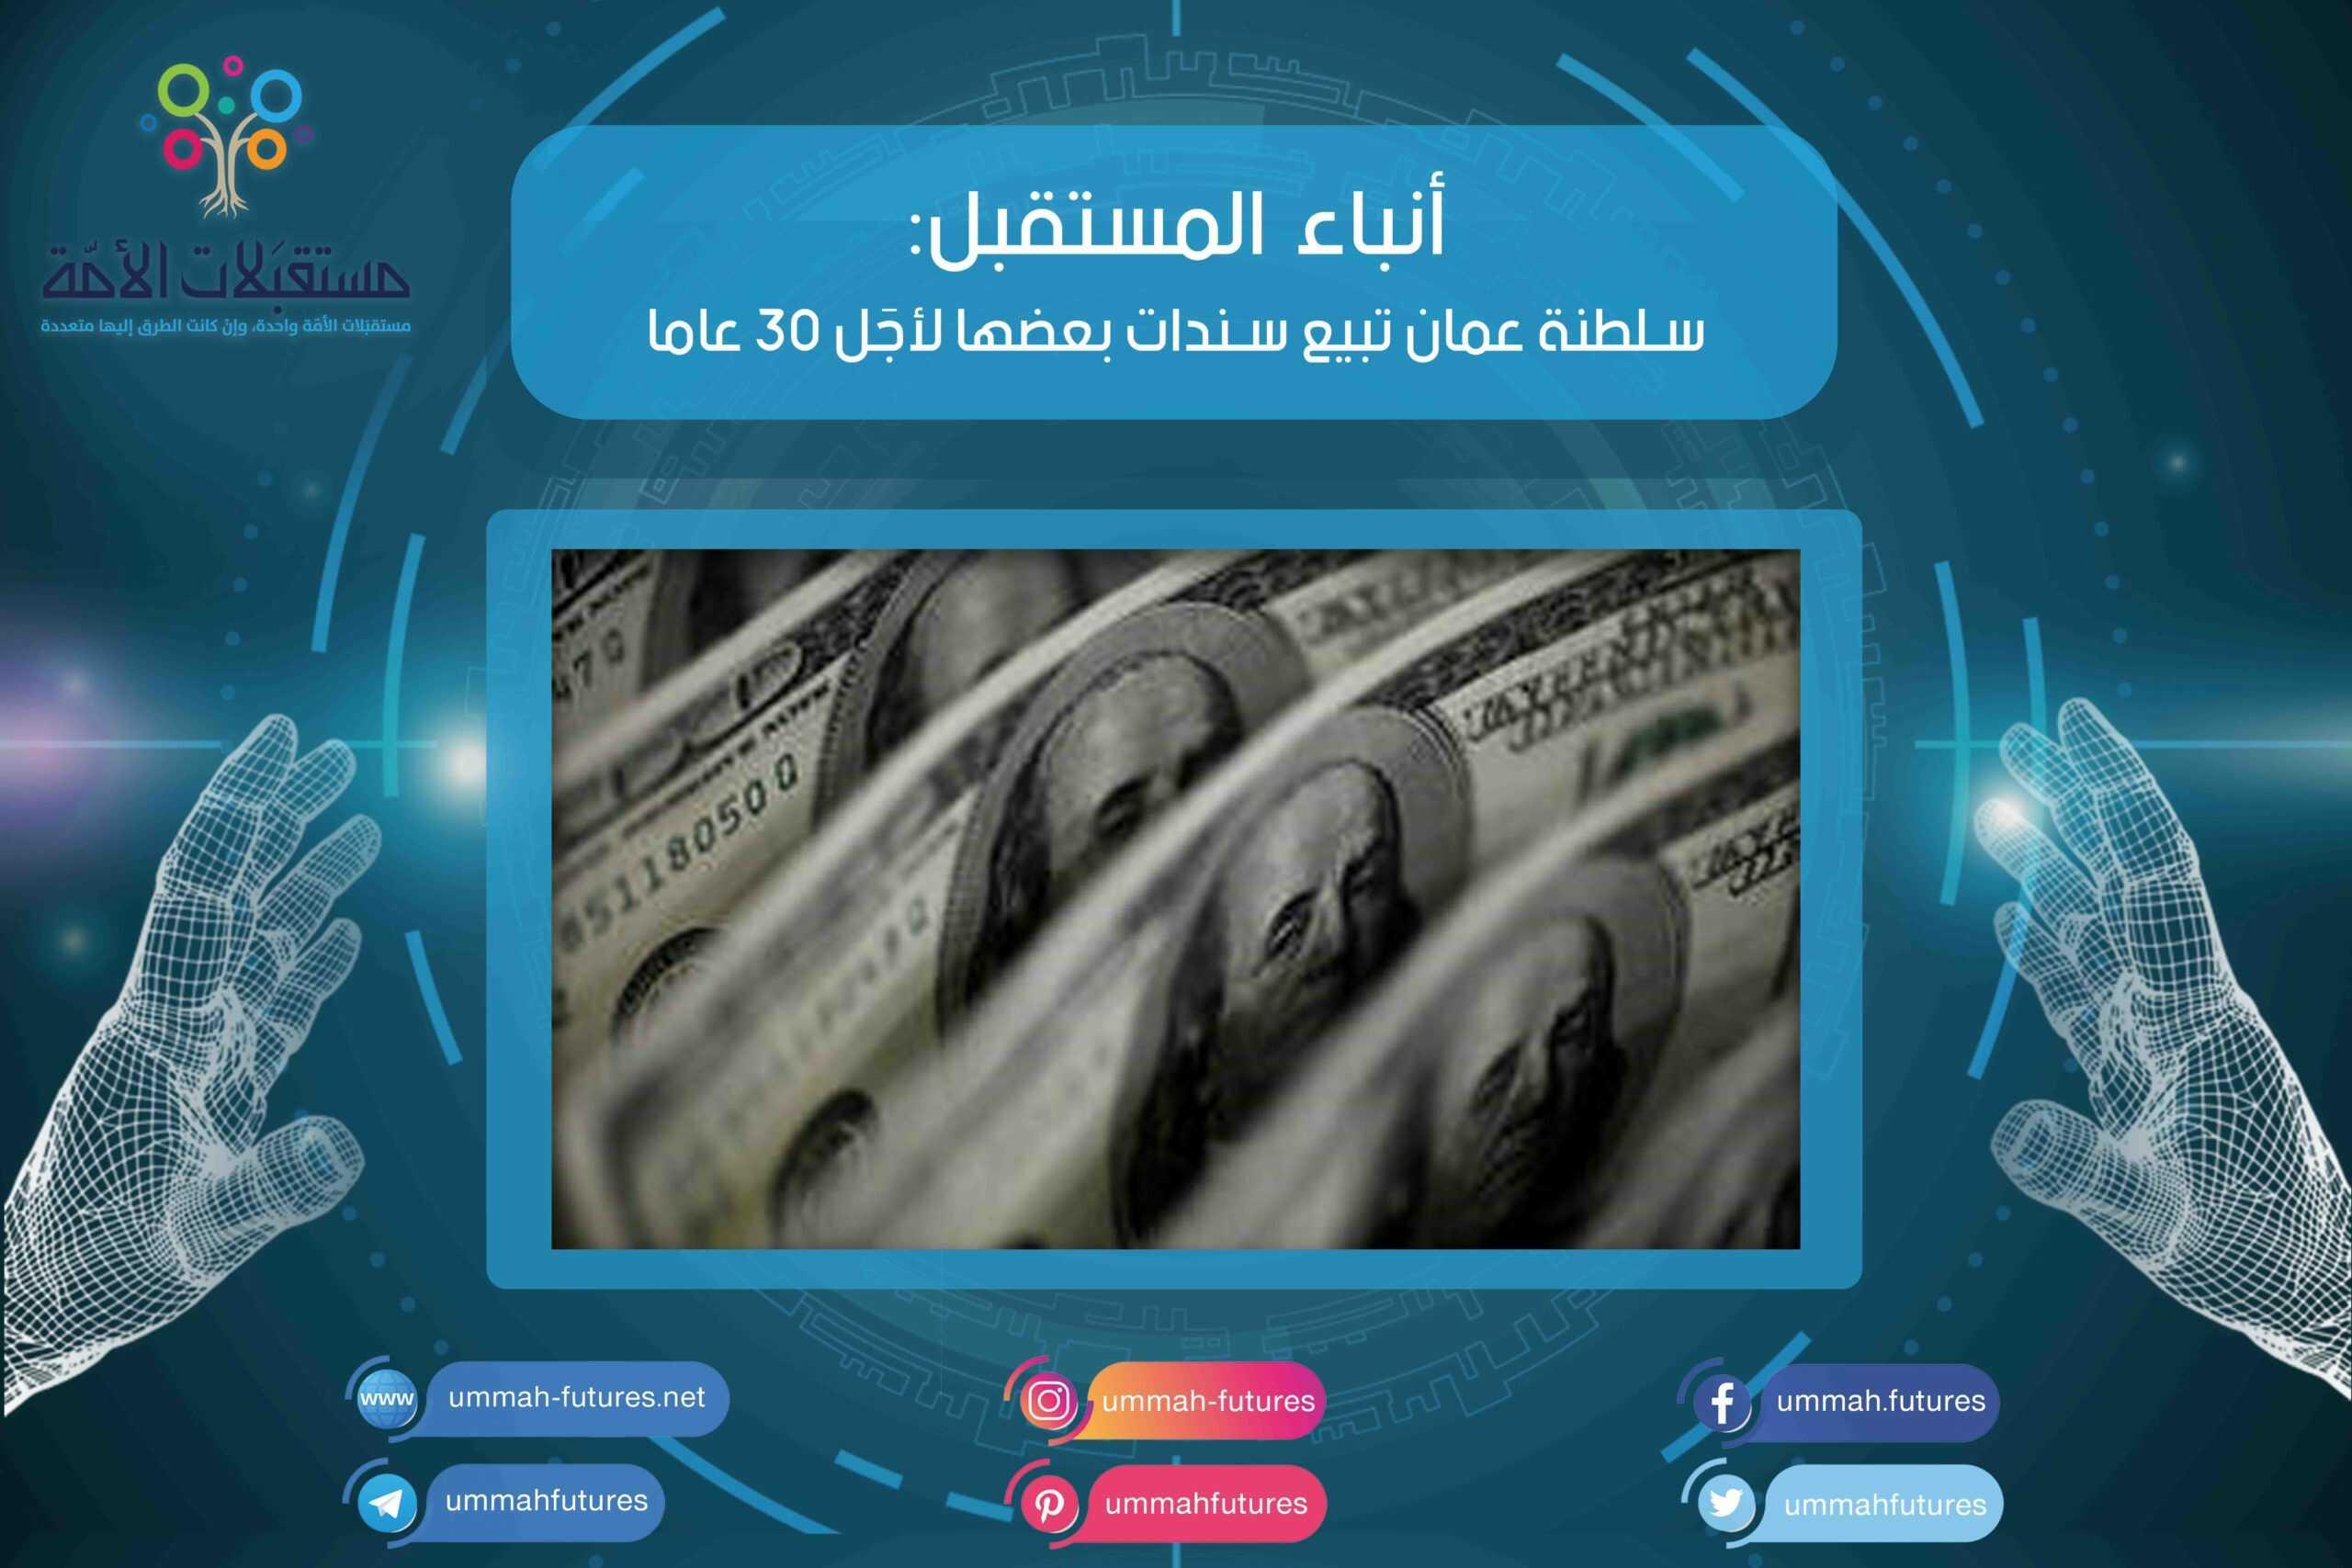 سلطنة عمان تبيع سندات بعضها لأجَل 30 عاما